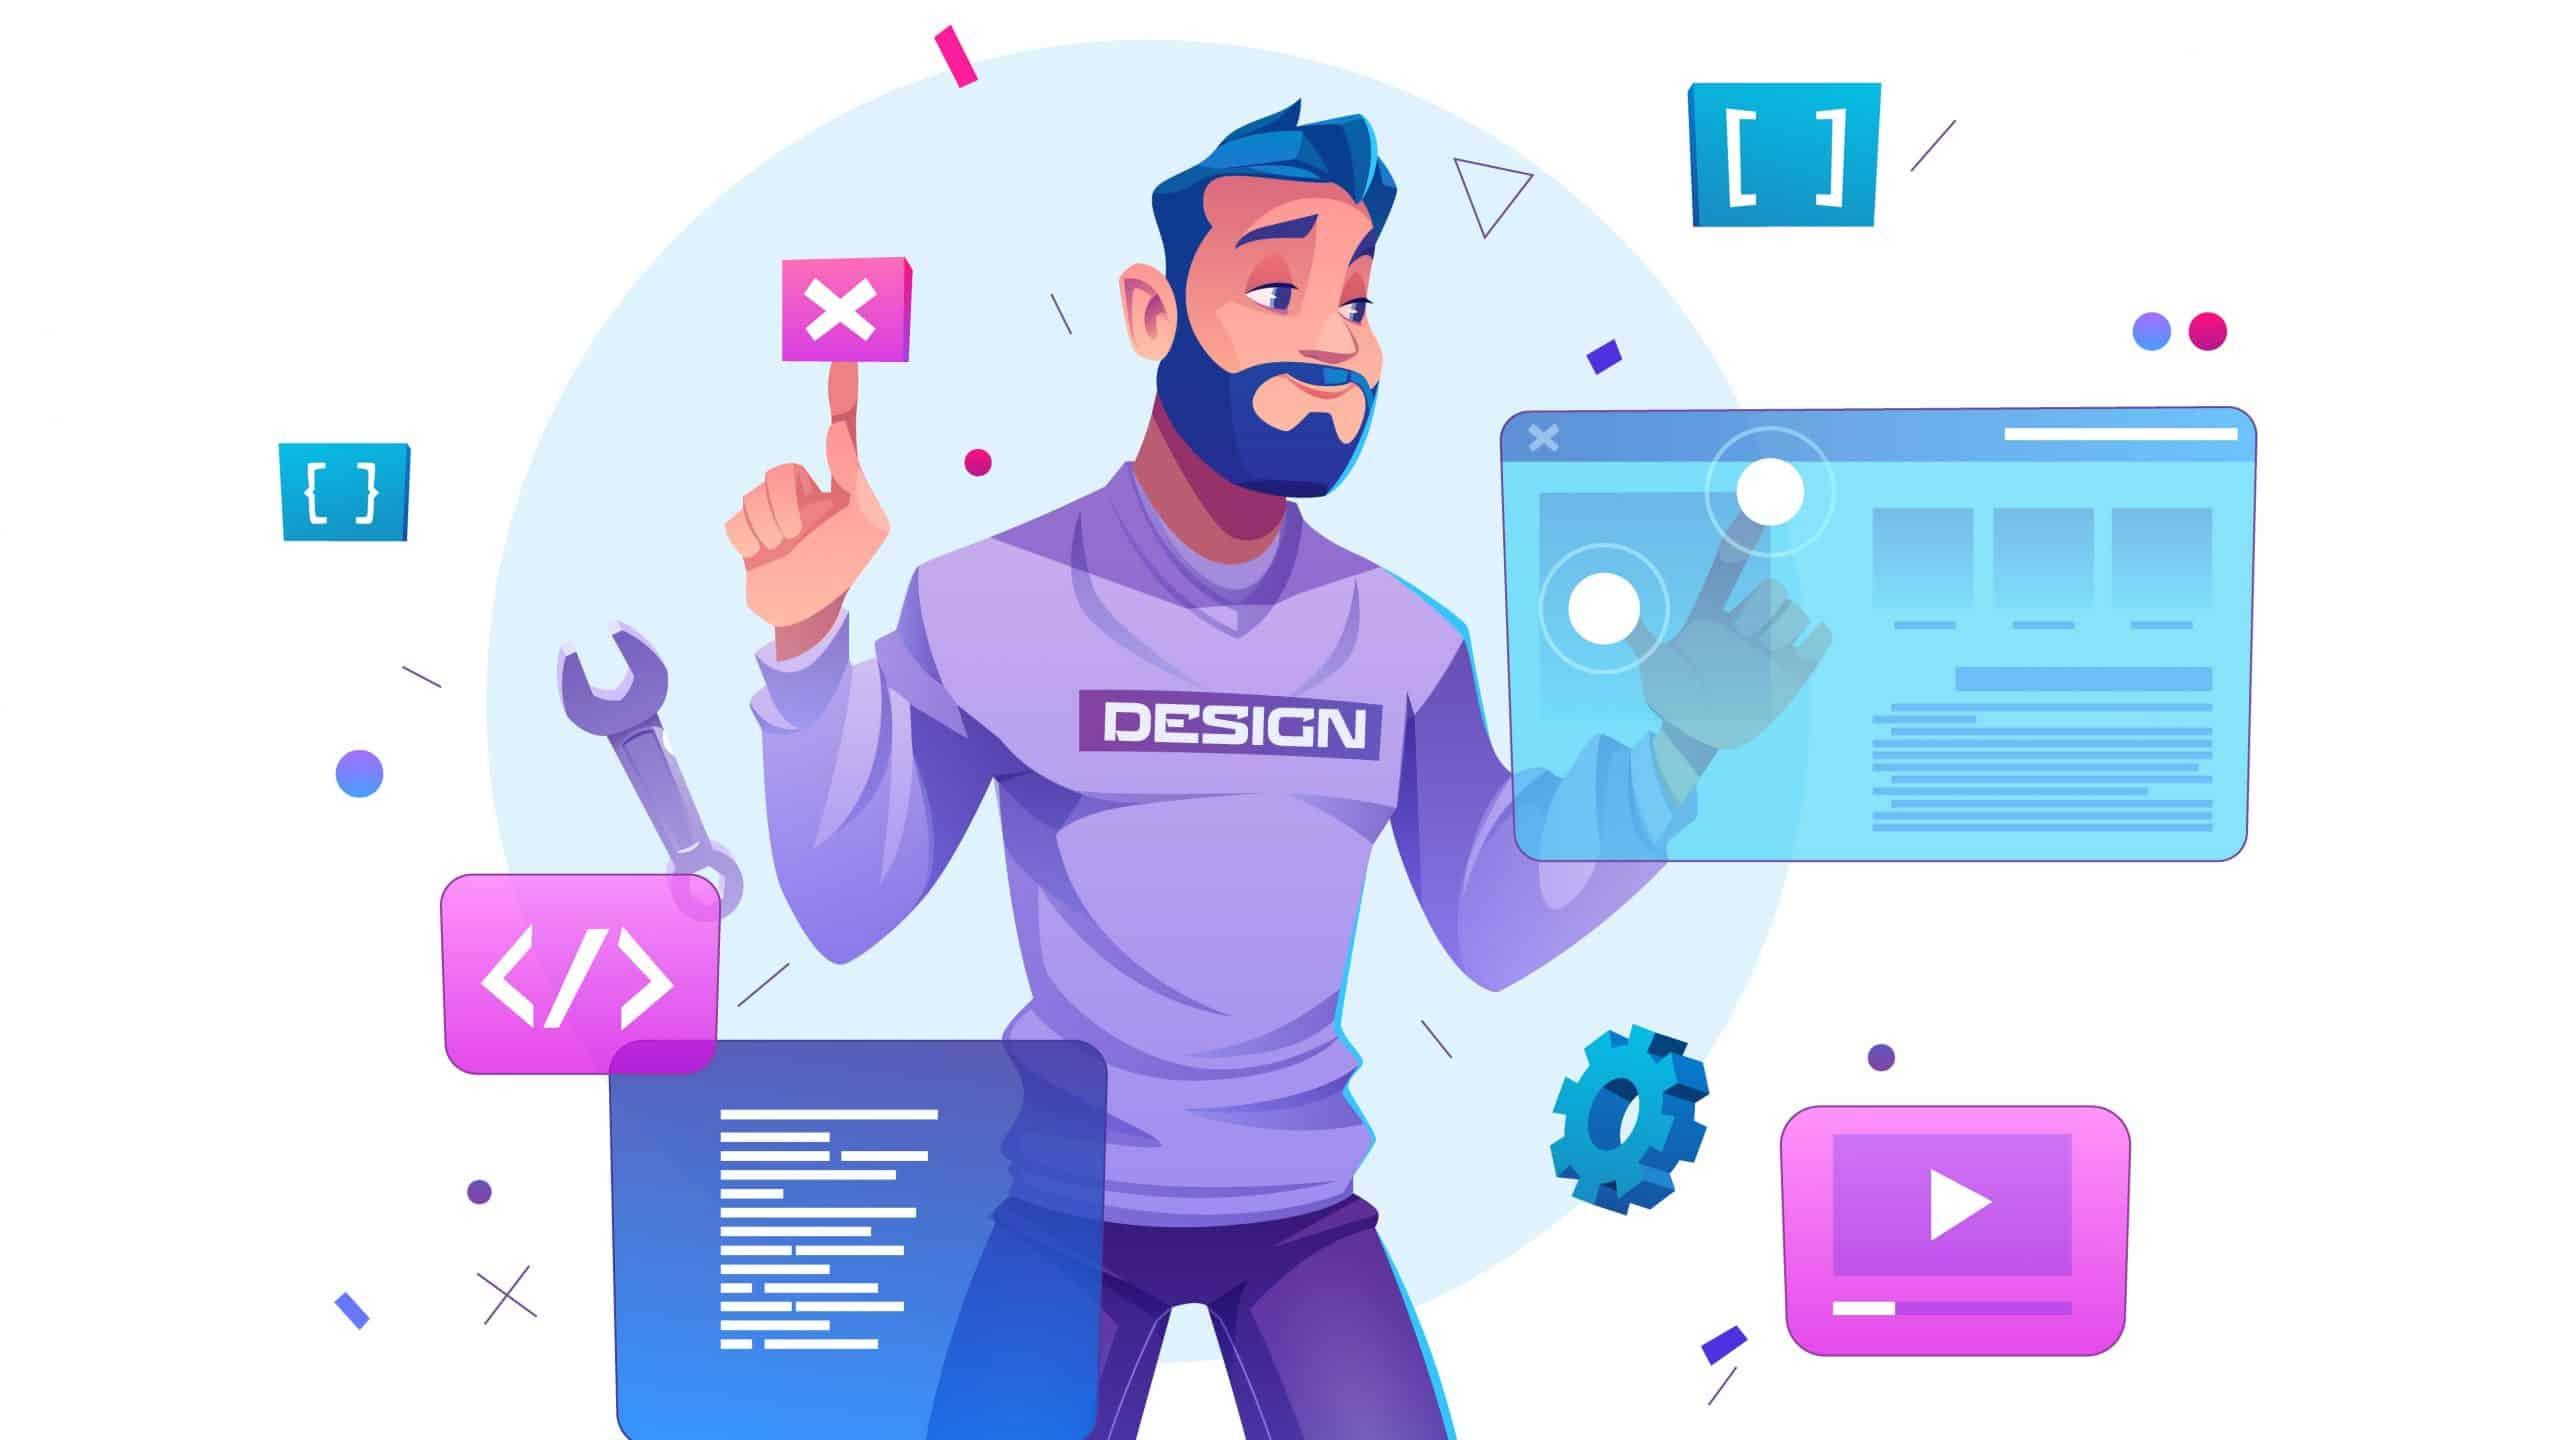 ۸ ویژگی طراحی سایت خلاقانه و نتیجه محور